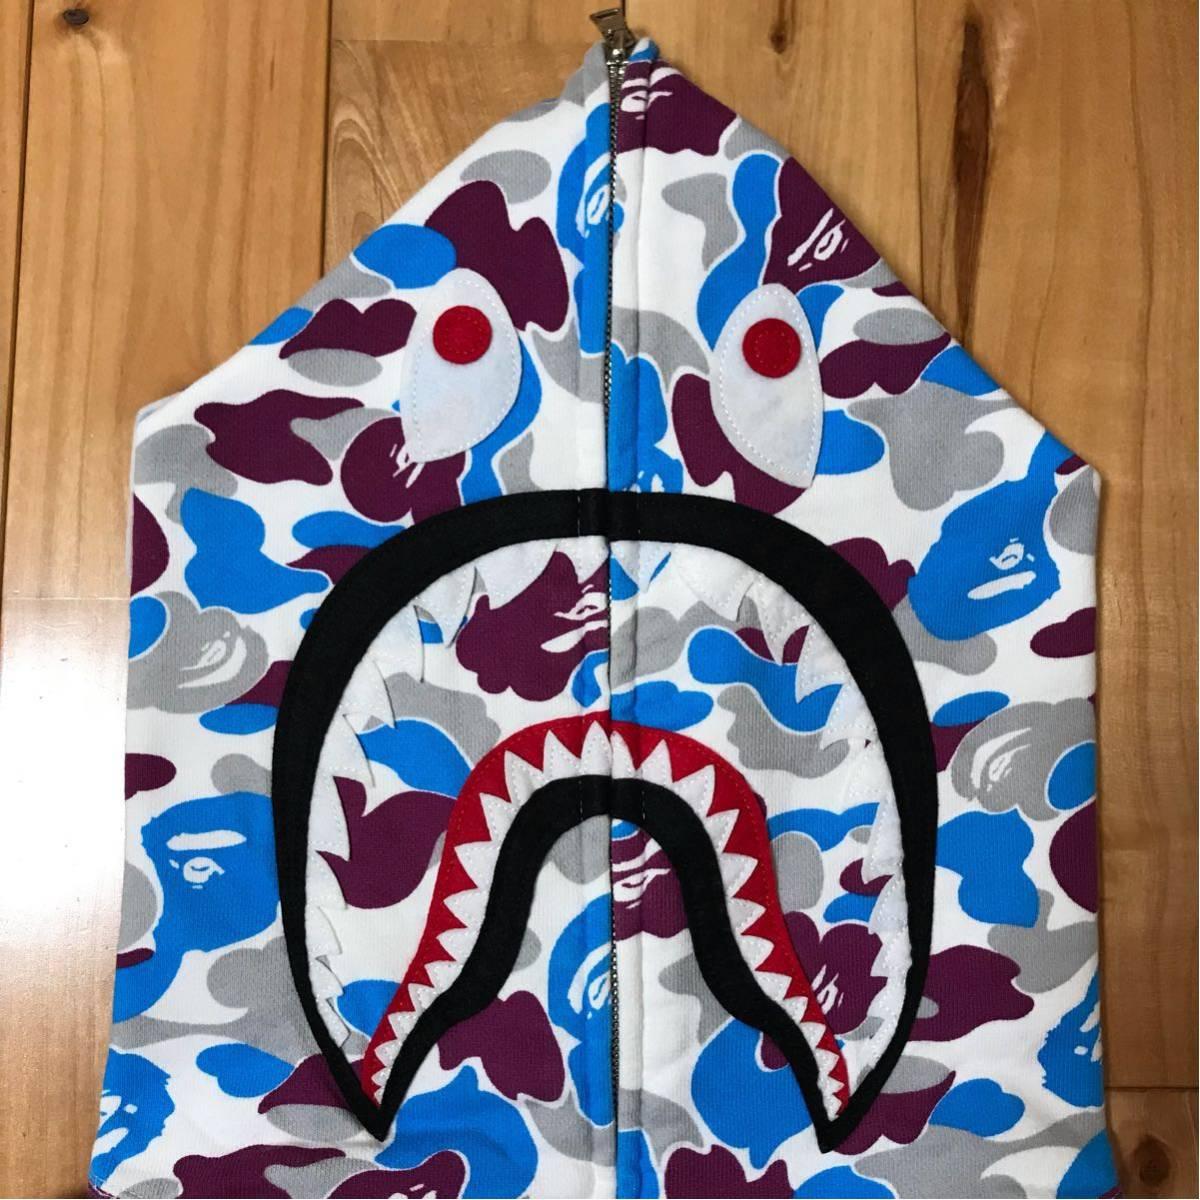 ★横浜限定★ yokohama store limited color camo シャーク パーカー shark full zip hoodie a bathing ape BAPE city ベイプ 都市限定